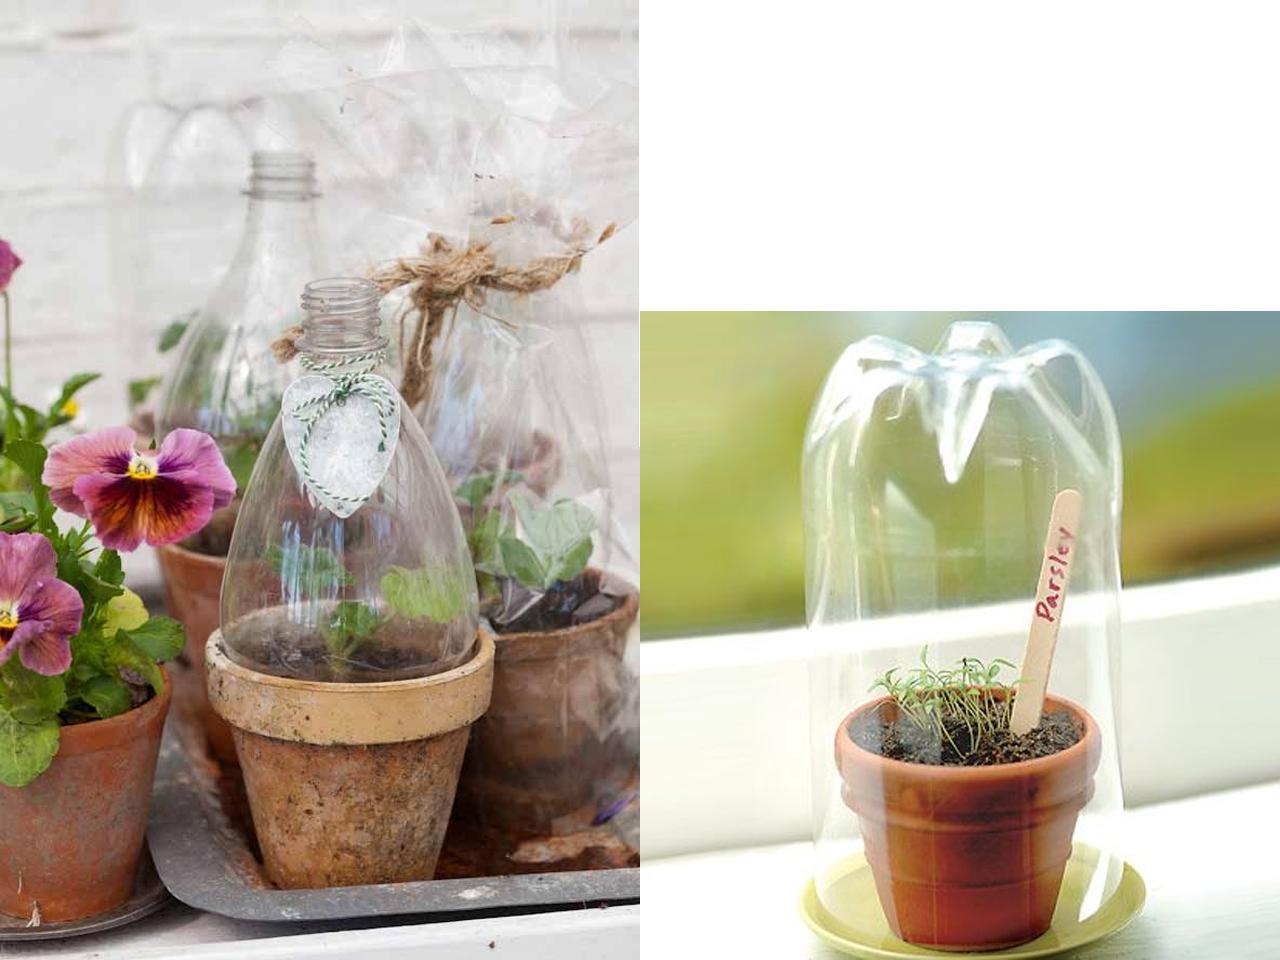 70 ideas de reciclaje con botellas de pl stico - Decorar vasos plasticos para cumpleanos ...